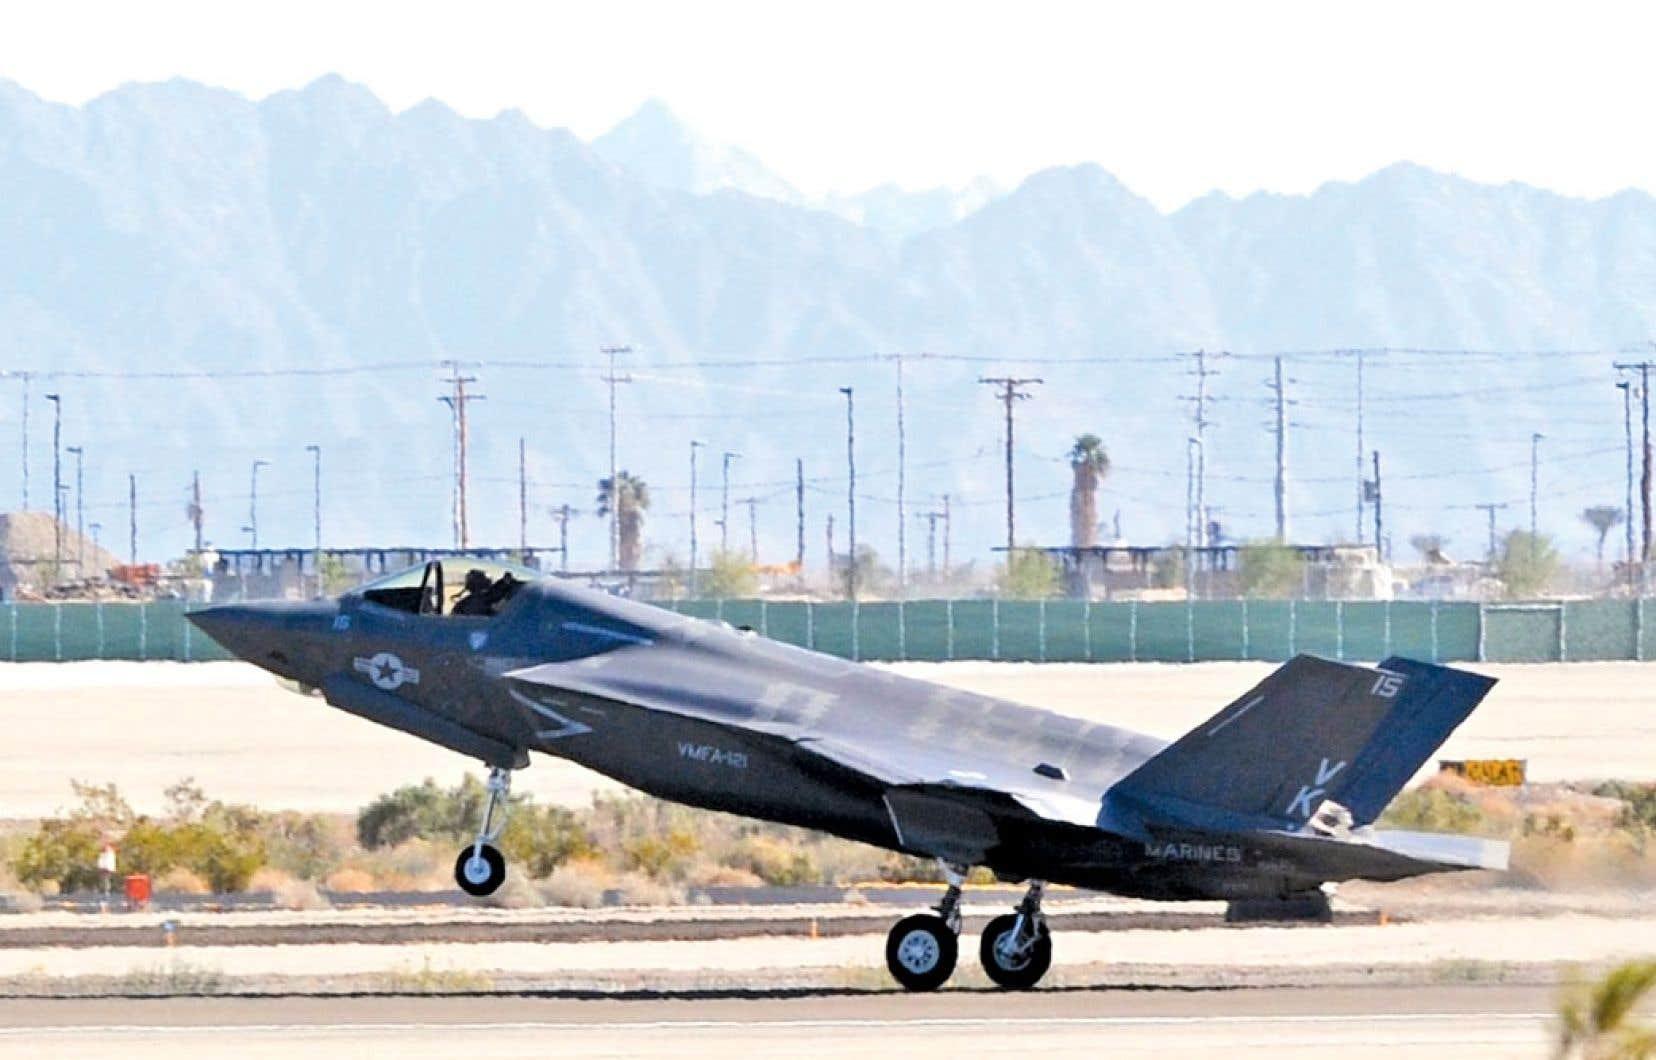 Les conservateurs affirmaient à l'origine qu'il en coûterait 16 milliards pour acquérir les F-35.